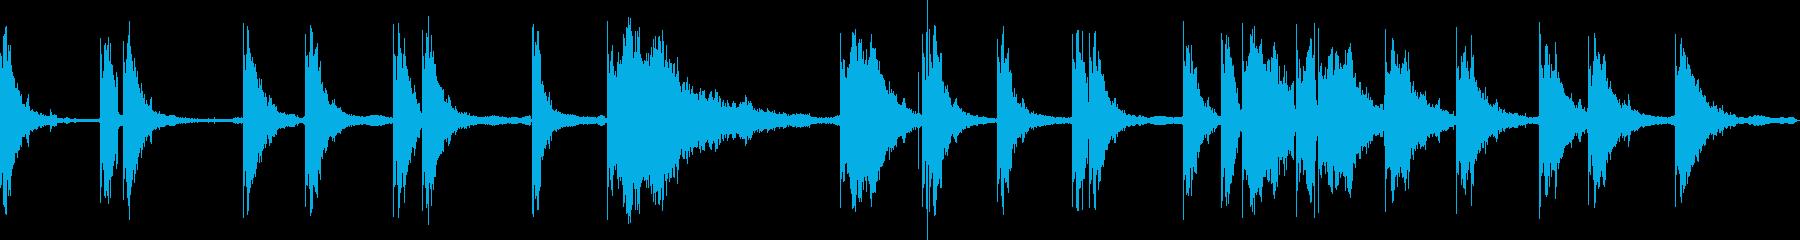 レーザーショット共鳴アーケードの再生済みの波形